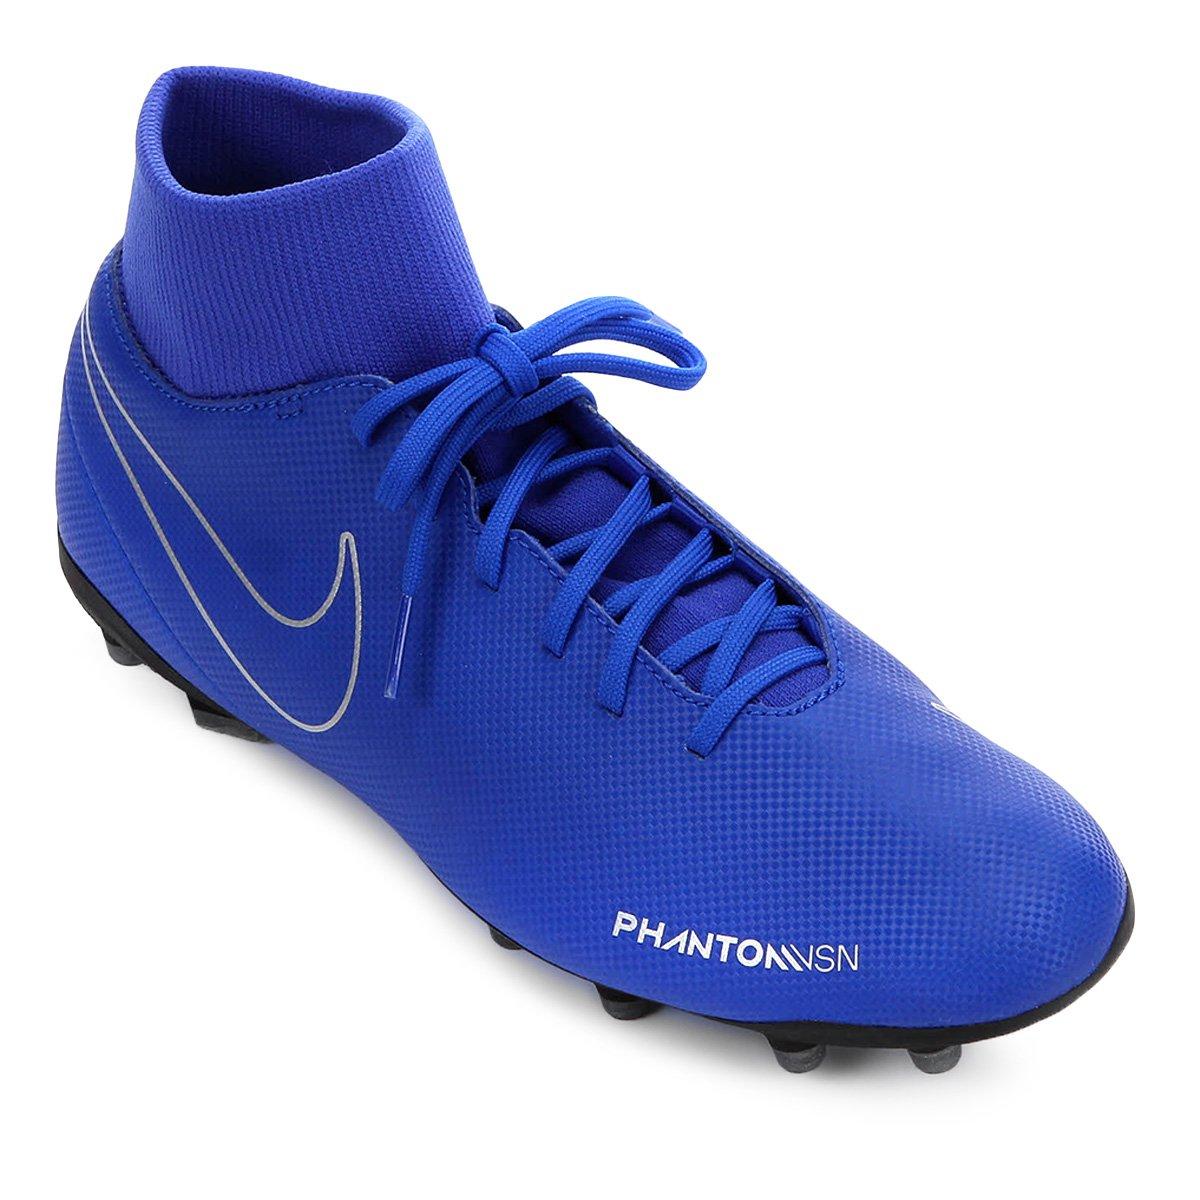 8dadccfc84 Chuteira Campo Nike Phantom Vision Club FG - Azul e Preto